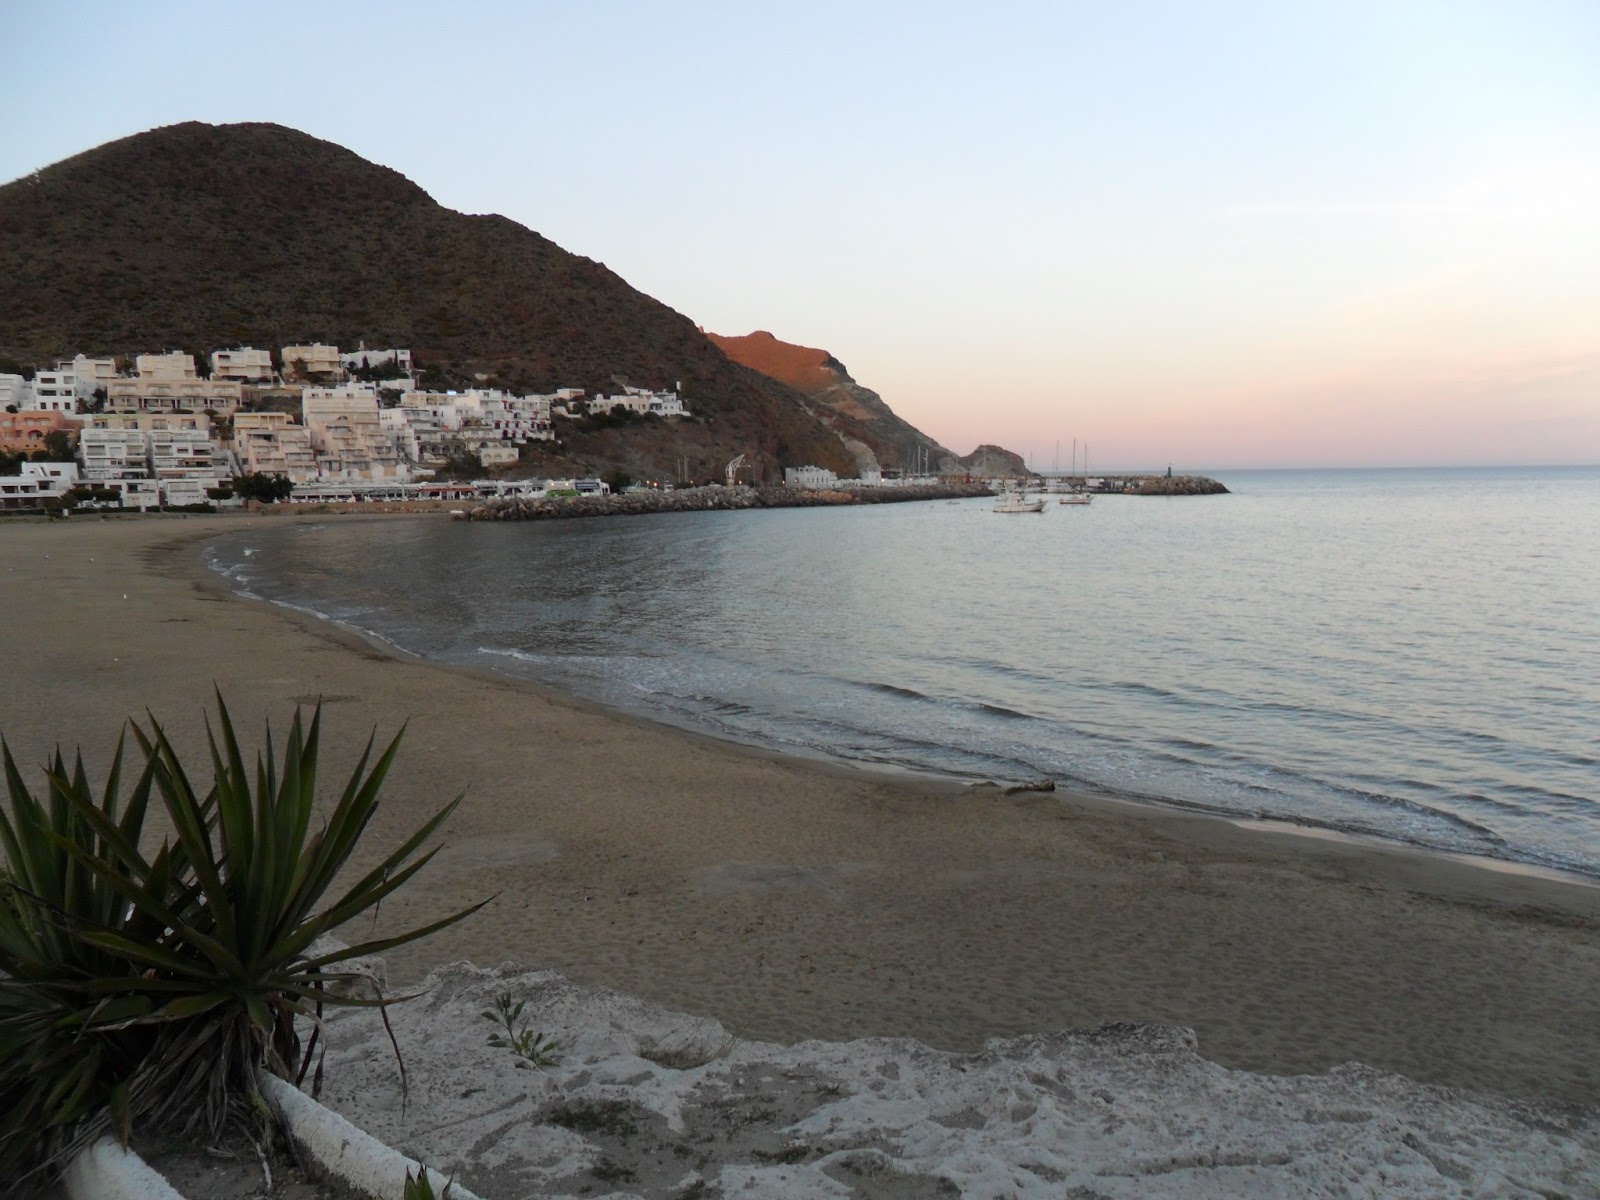 Playa San Amaro